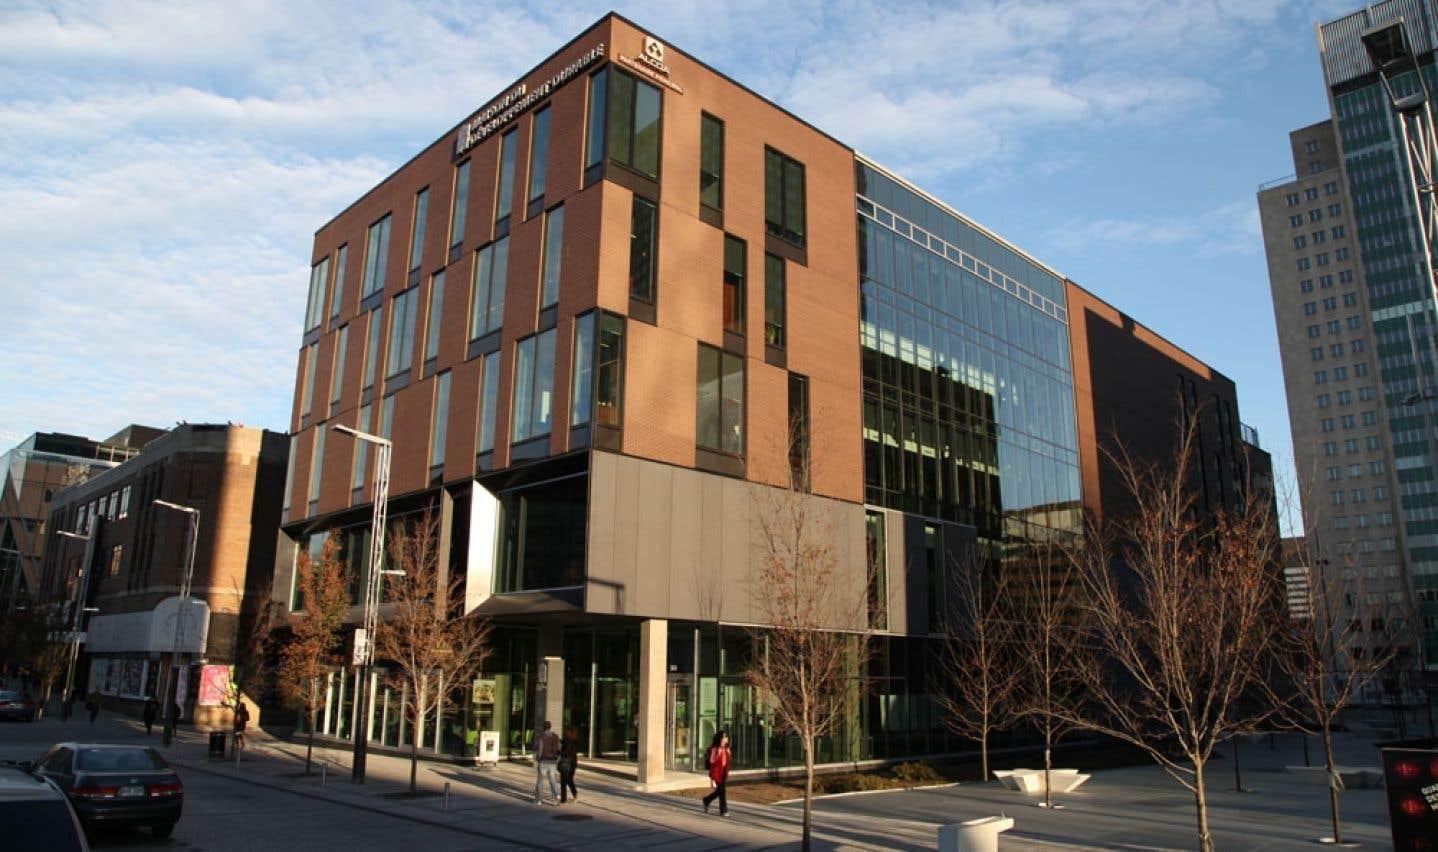 La Maison du développement durable est le tout premier bâtiment certifié LEED® PLATINE Nouvelle construction au Québec.